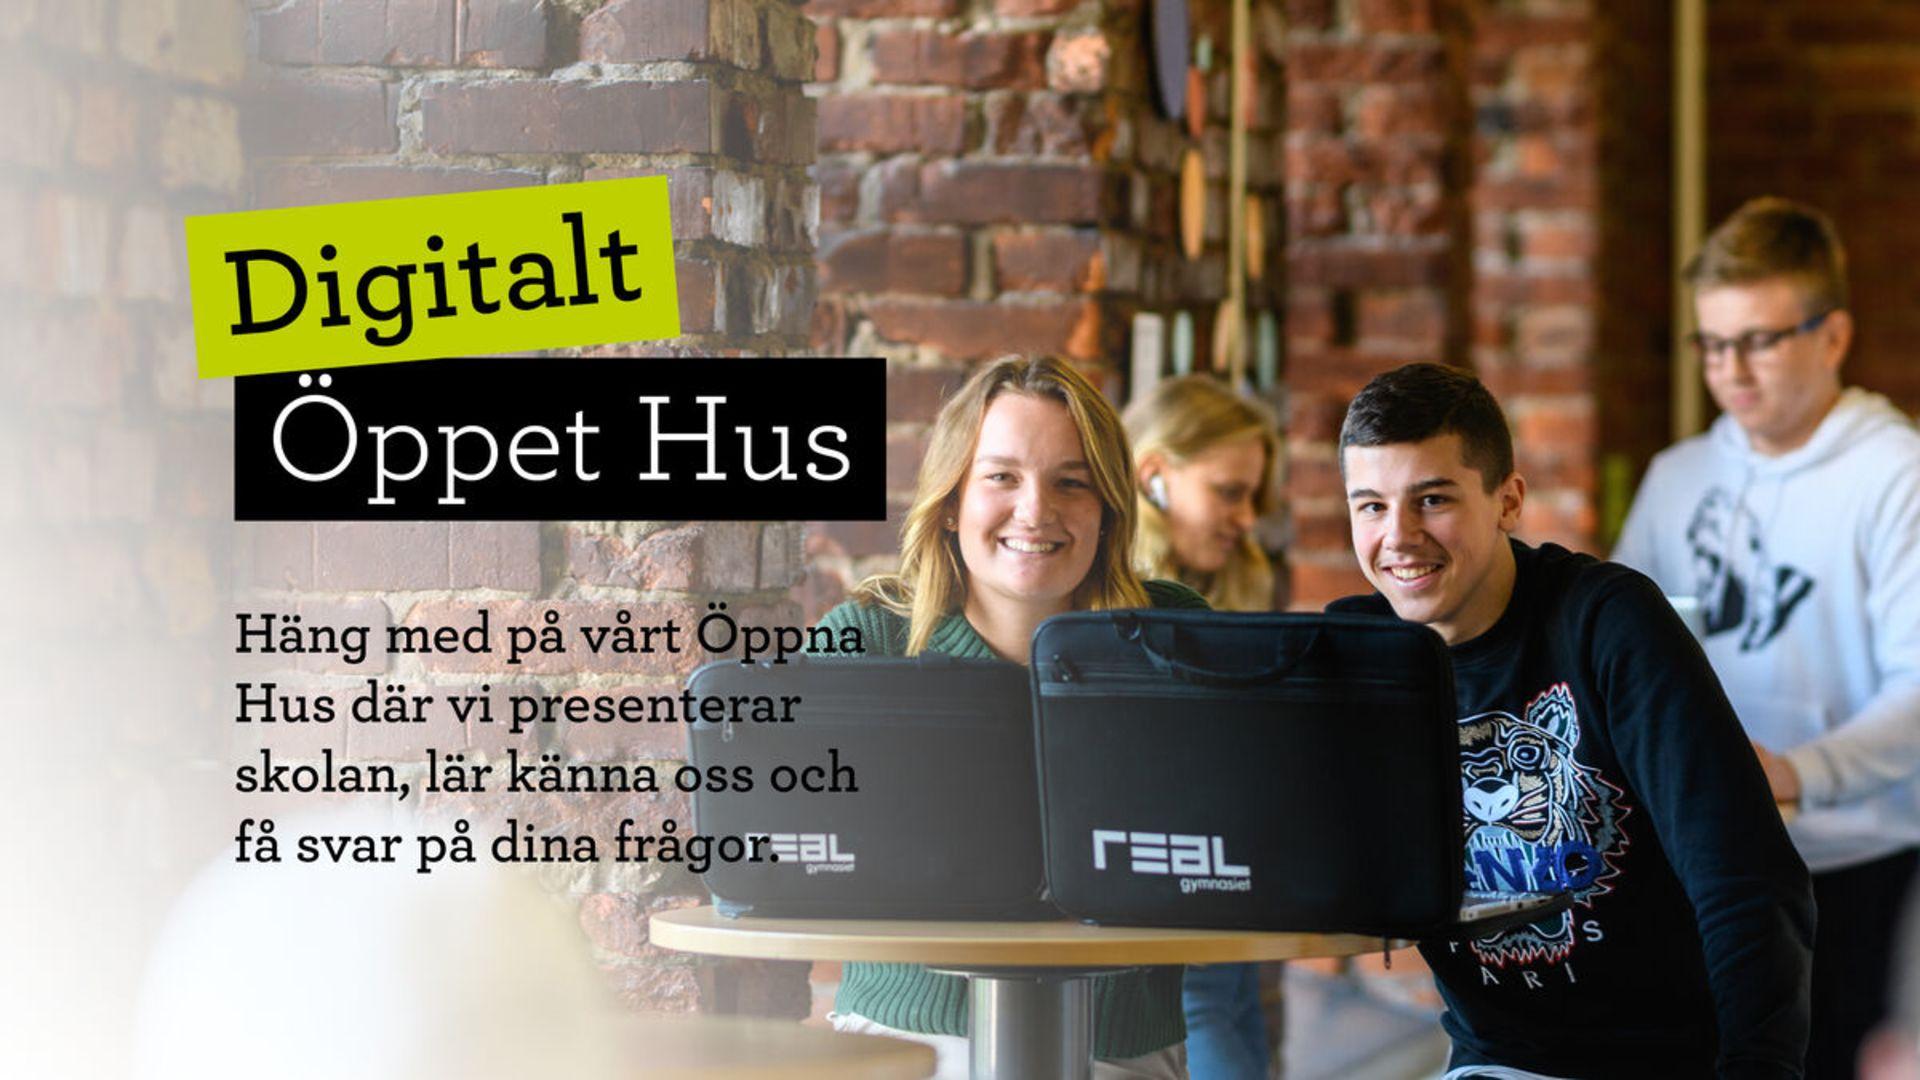 Digitalt Öppet Hus 5/11!